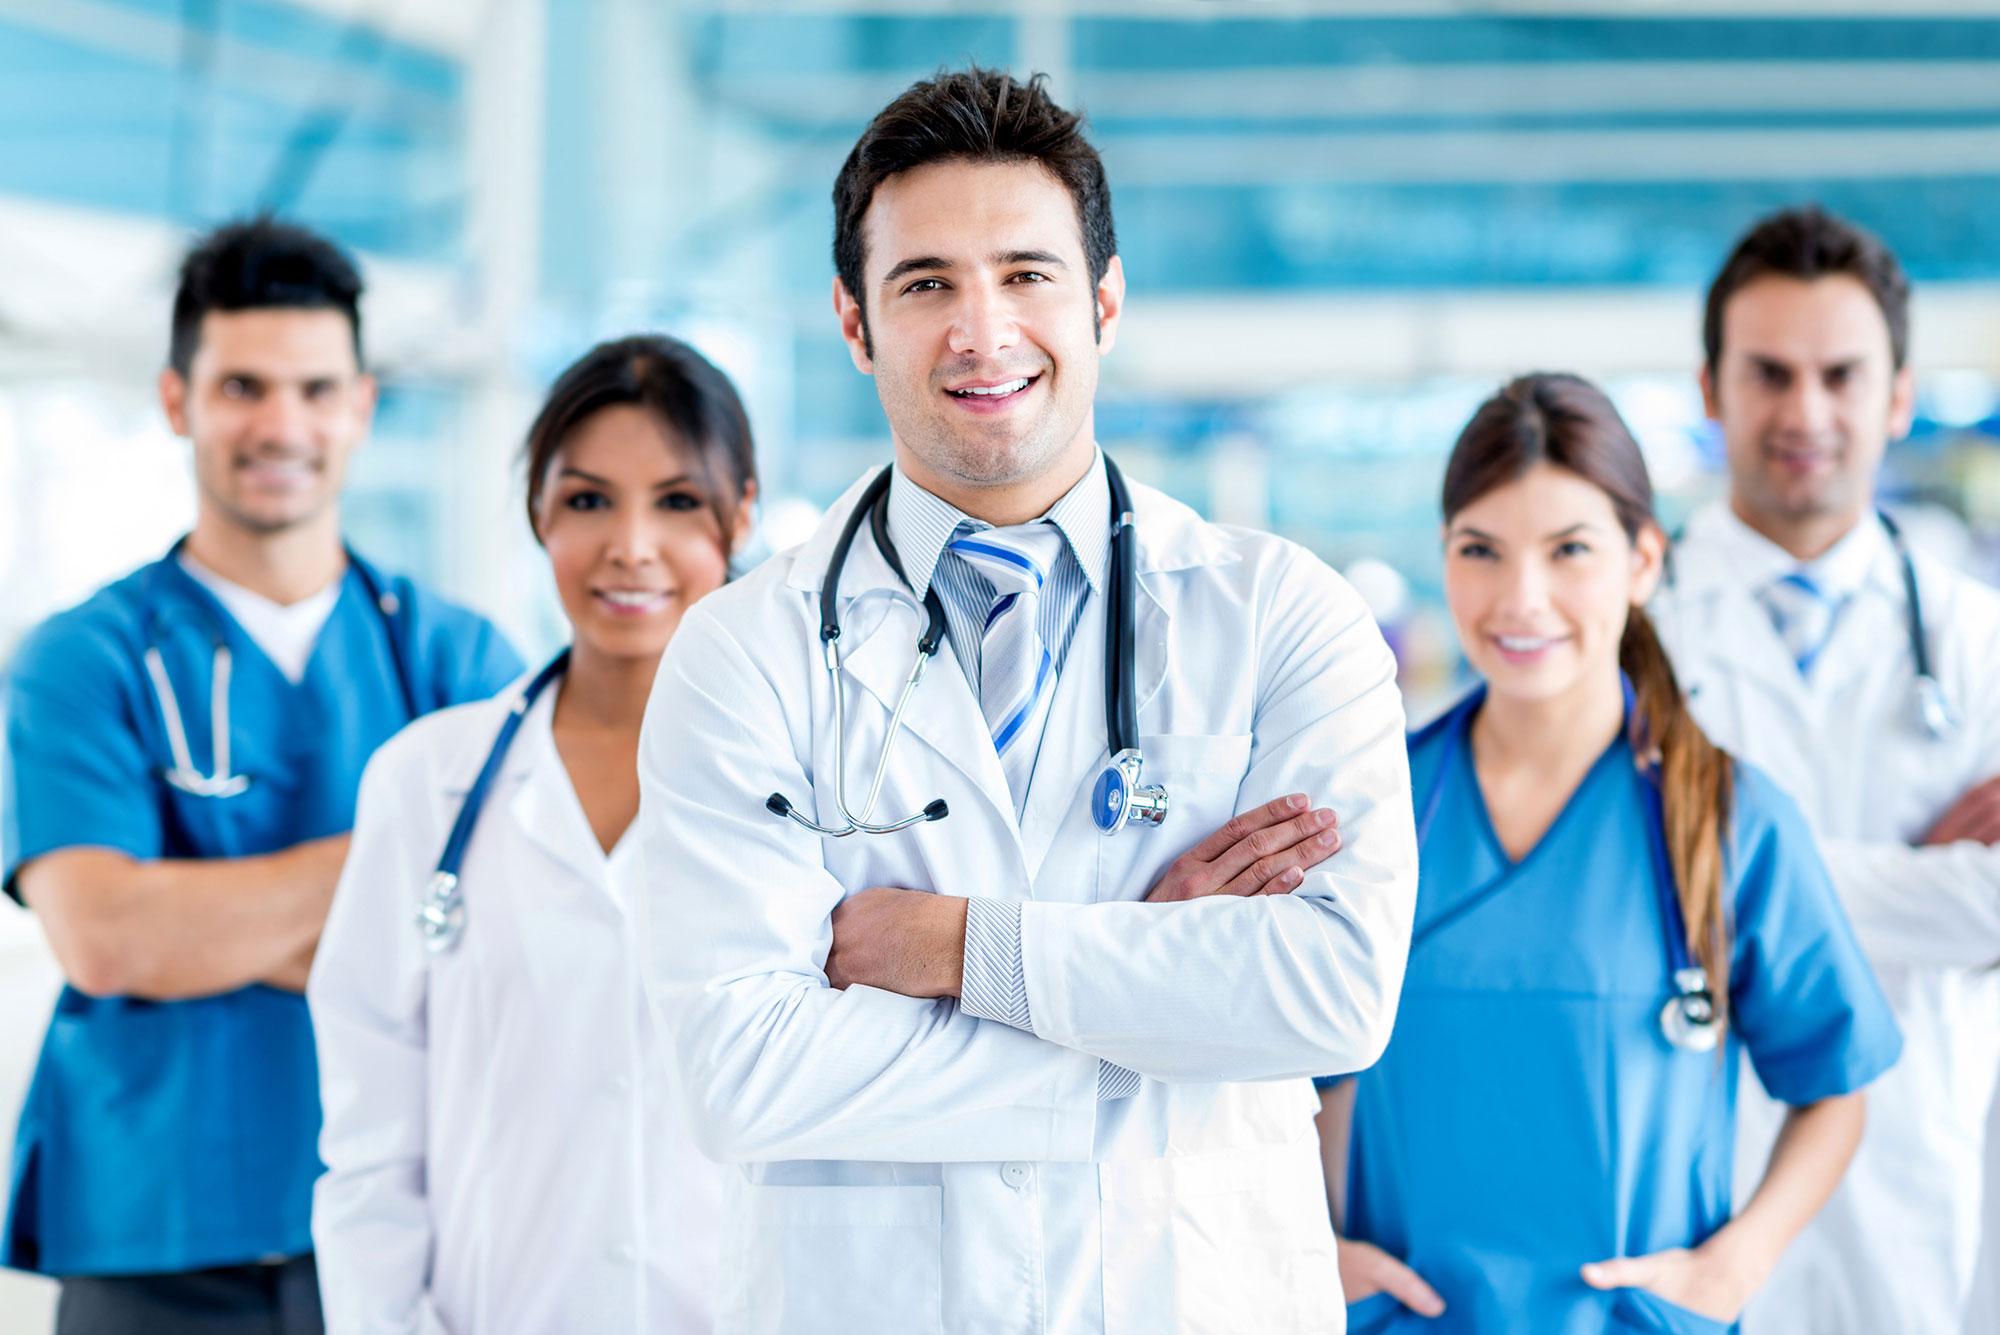 Medical Malpractice - Doctors